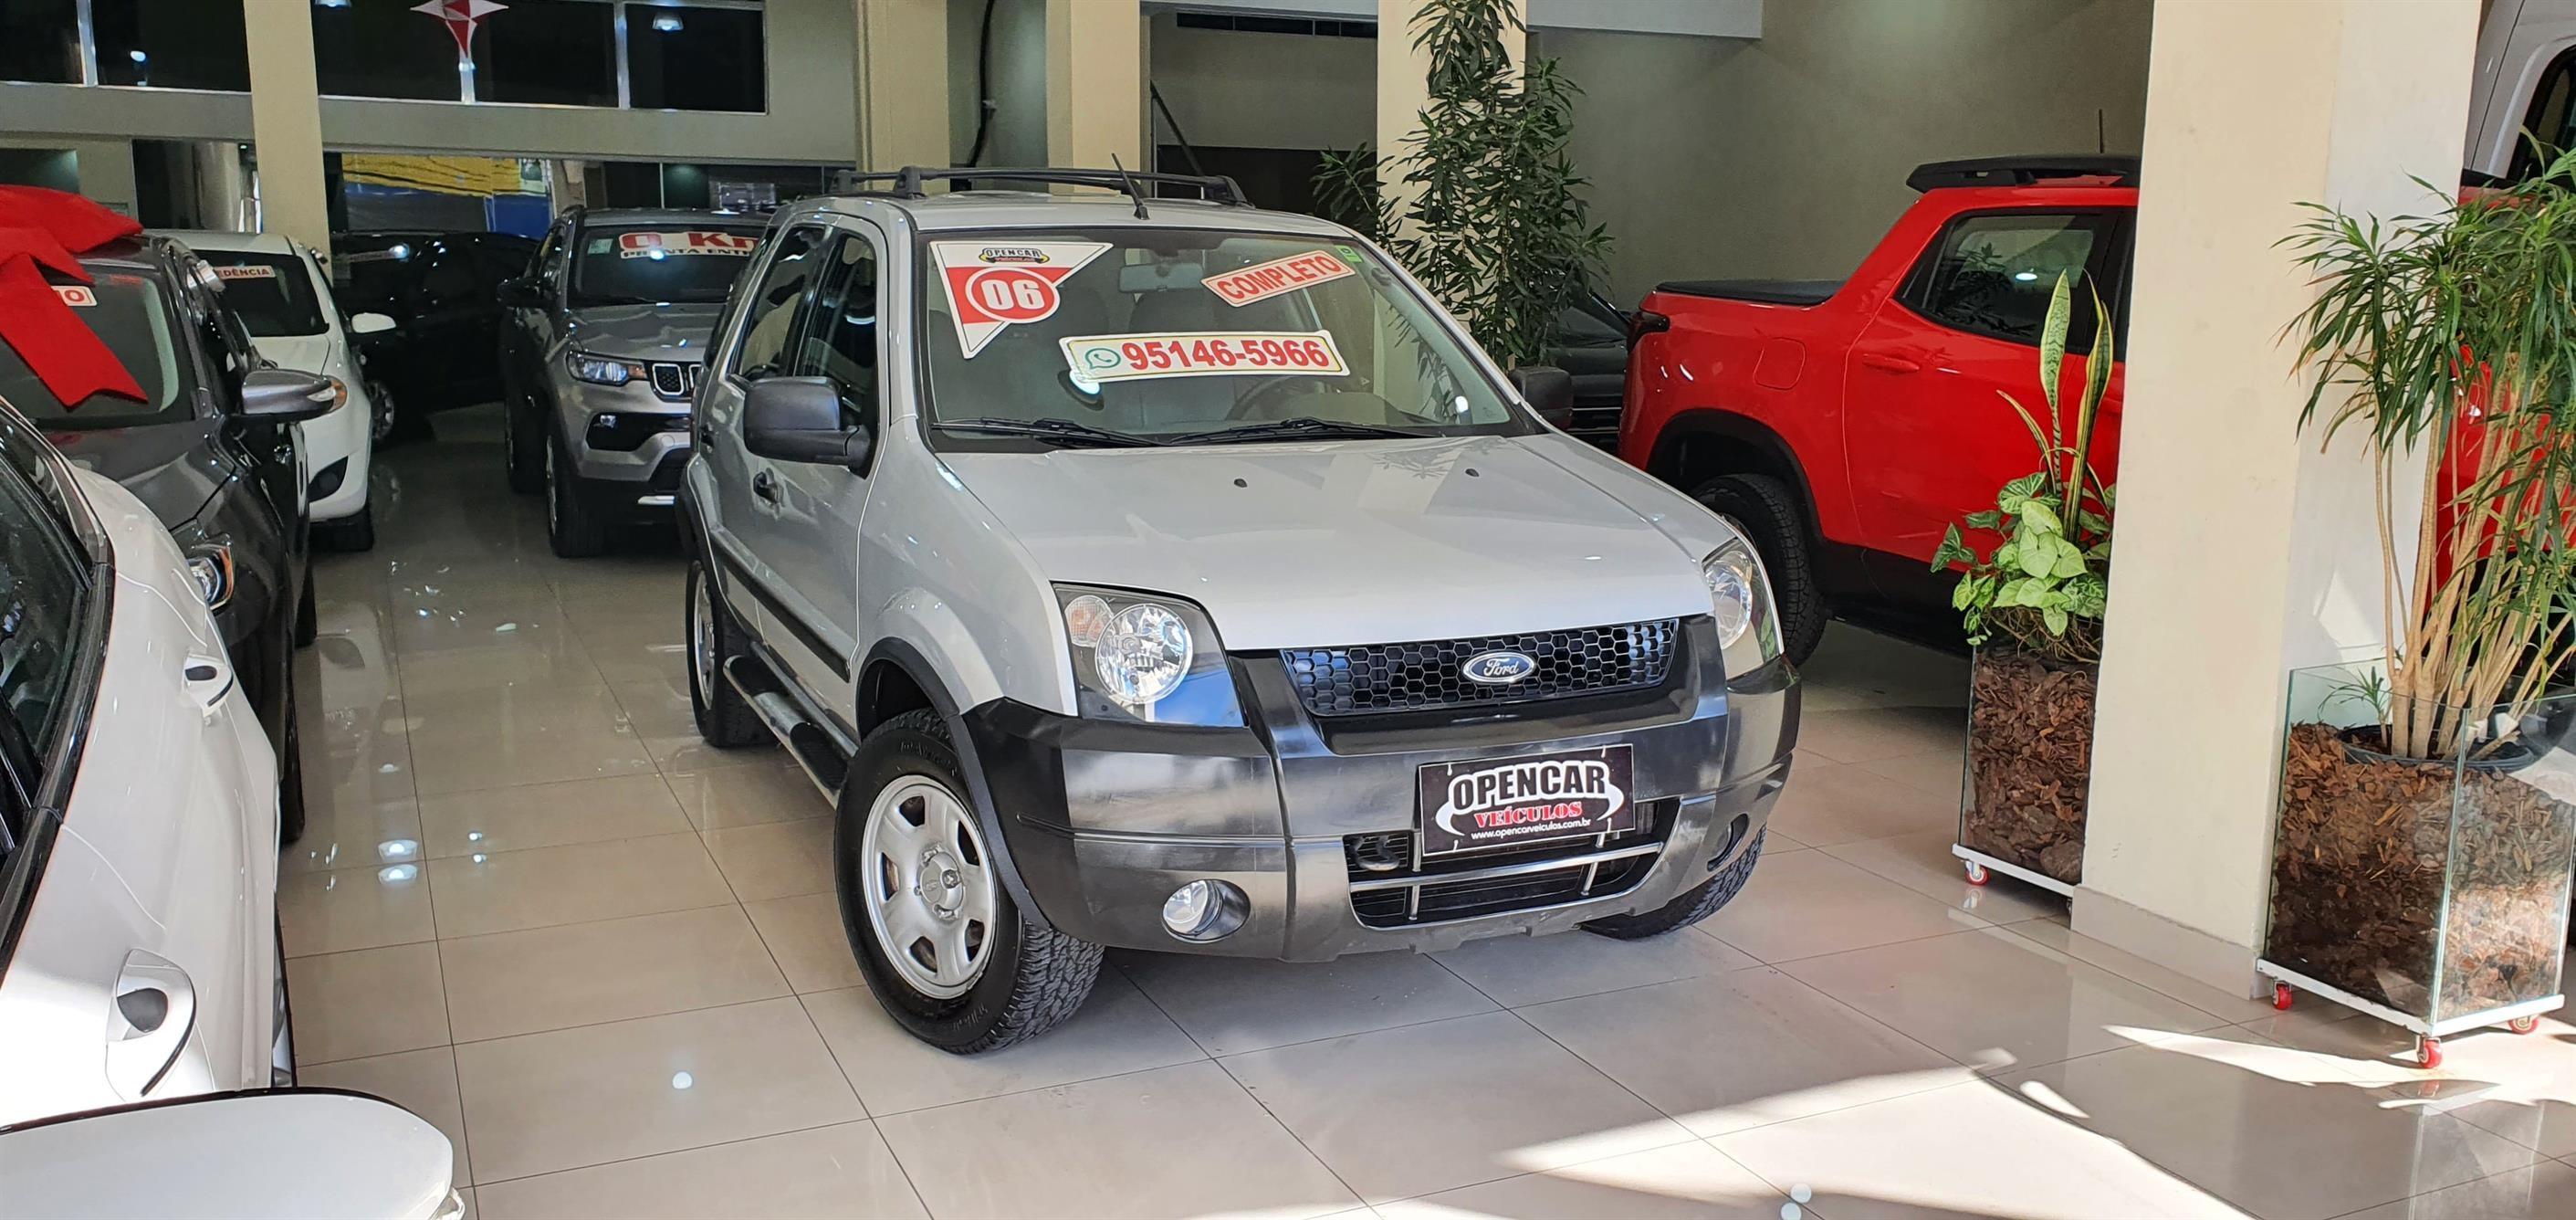 //www.autoline.com.br/carro/ford/ecosport-16-xls-8v-flex-4p-manual/2006/sao-paulo-sp/15577106